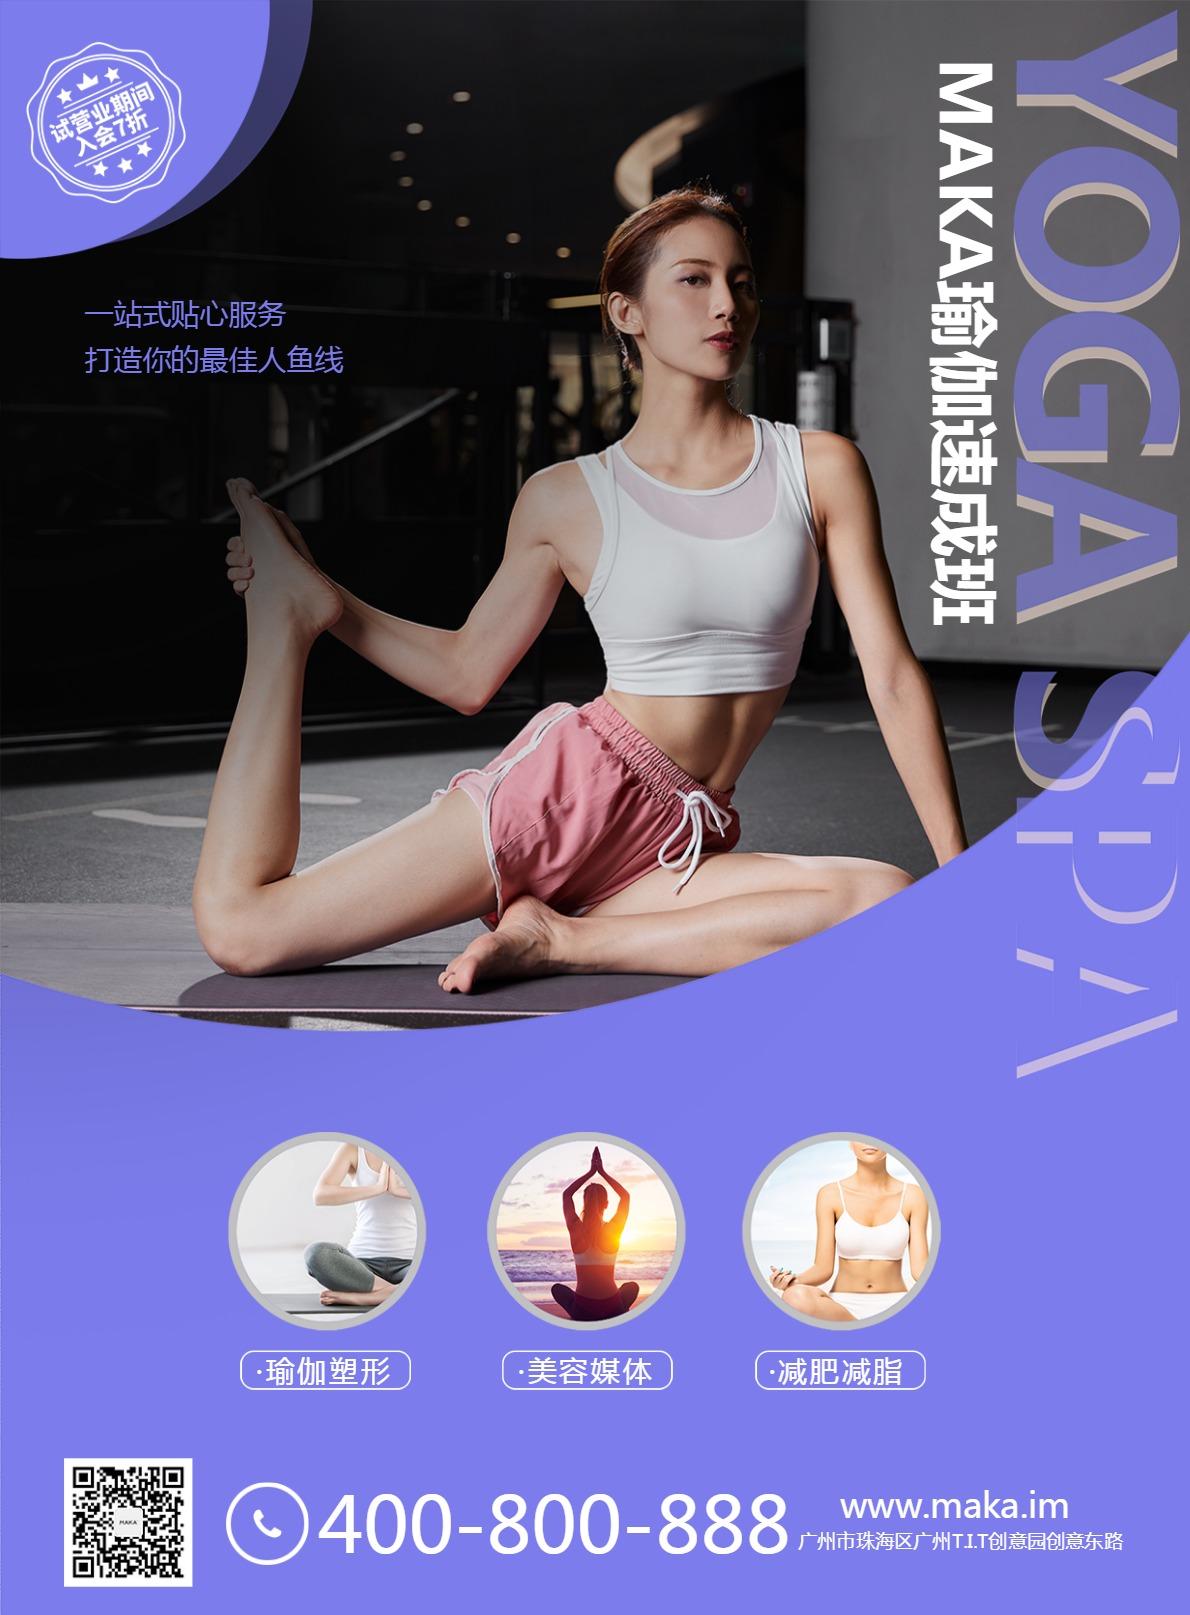 酷炫风紫色瑜伽速成班DM单页模版